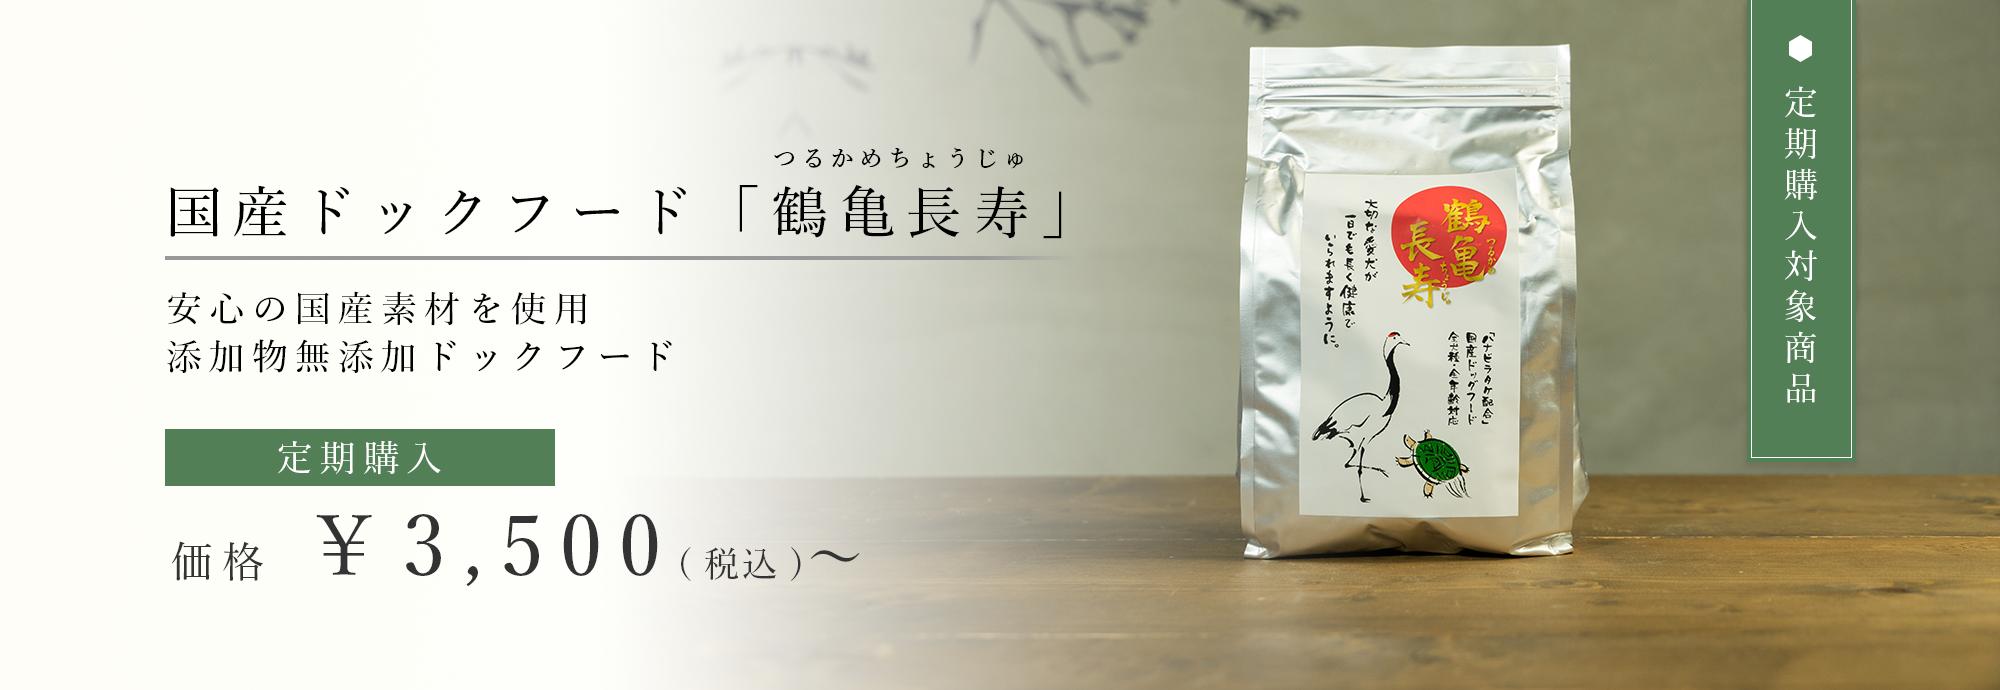 定期購入対象商品 国産ドッグフード「鶴亀長寿 安心の国産素材を使用 添加物無添加ドッグフード 定期購入限定価格 ¥3,500(税込)〜